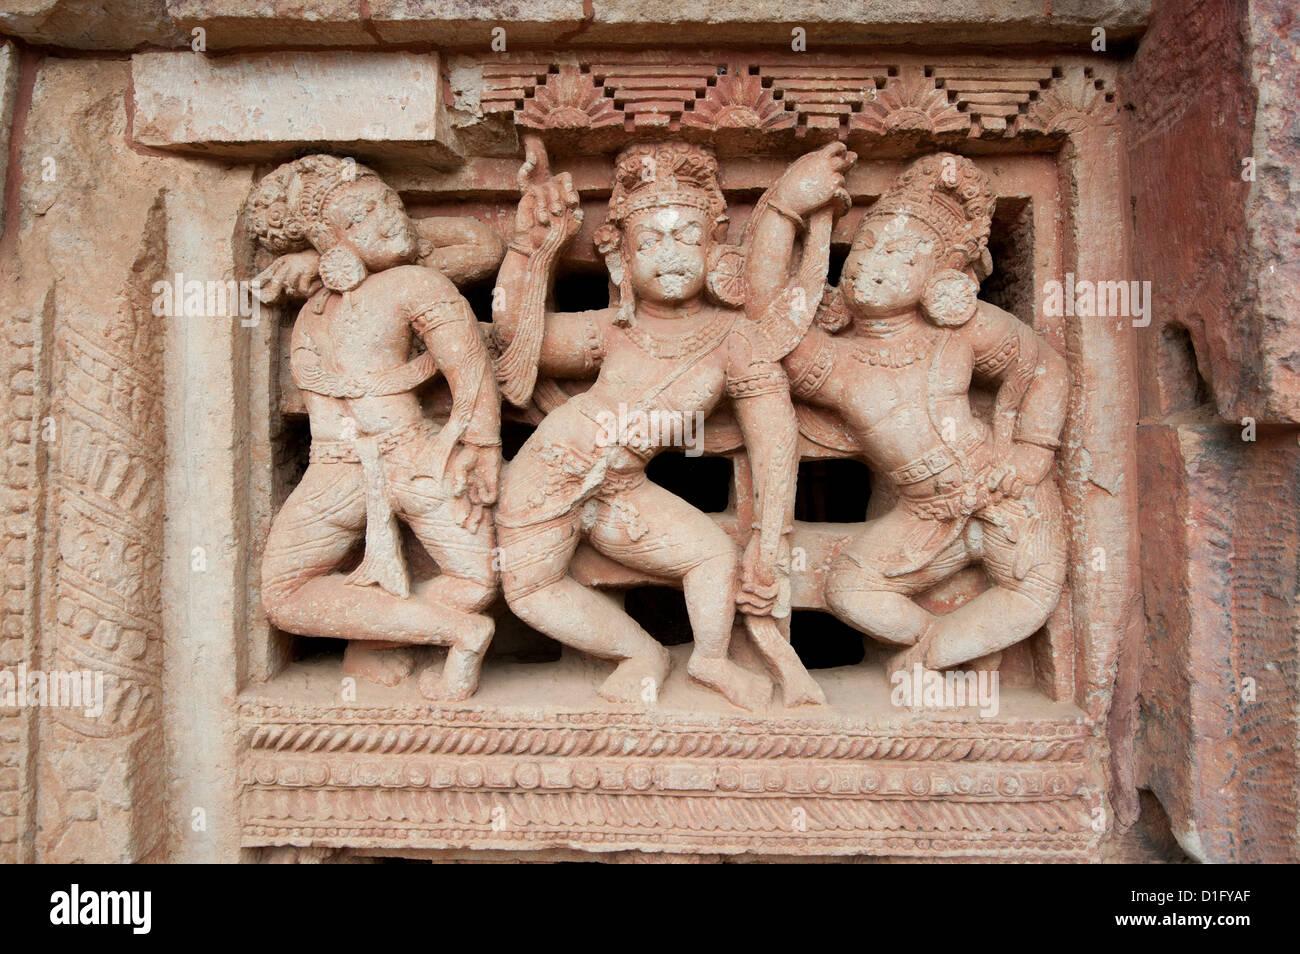 Wunderschön geschnitzte Fenster in der Parasurameswar Hindu-Tempel gewidmet Lord Shiva, Bhubaneshwar, Orissa, Stockbild